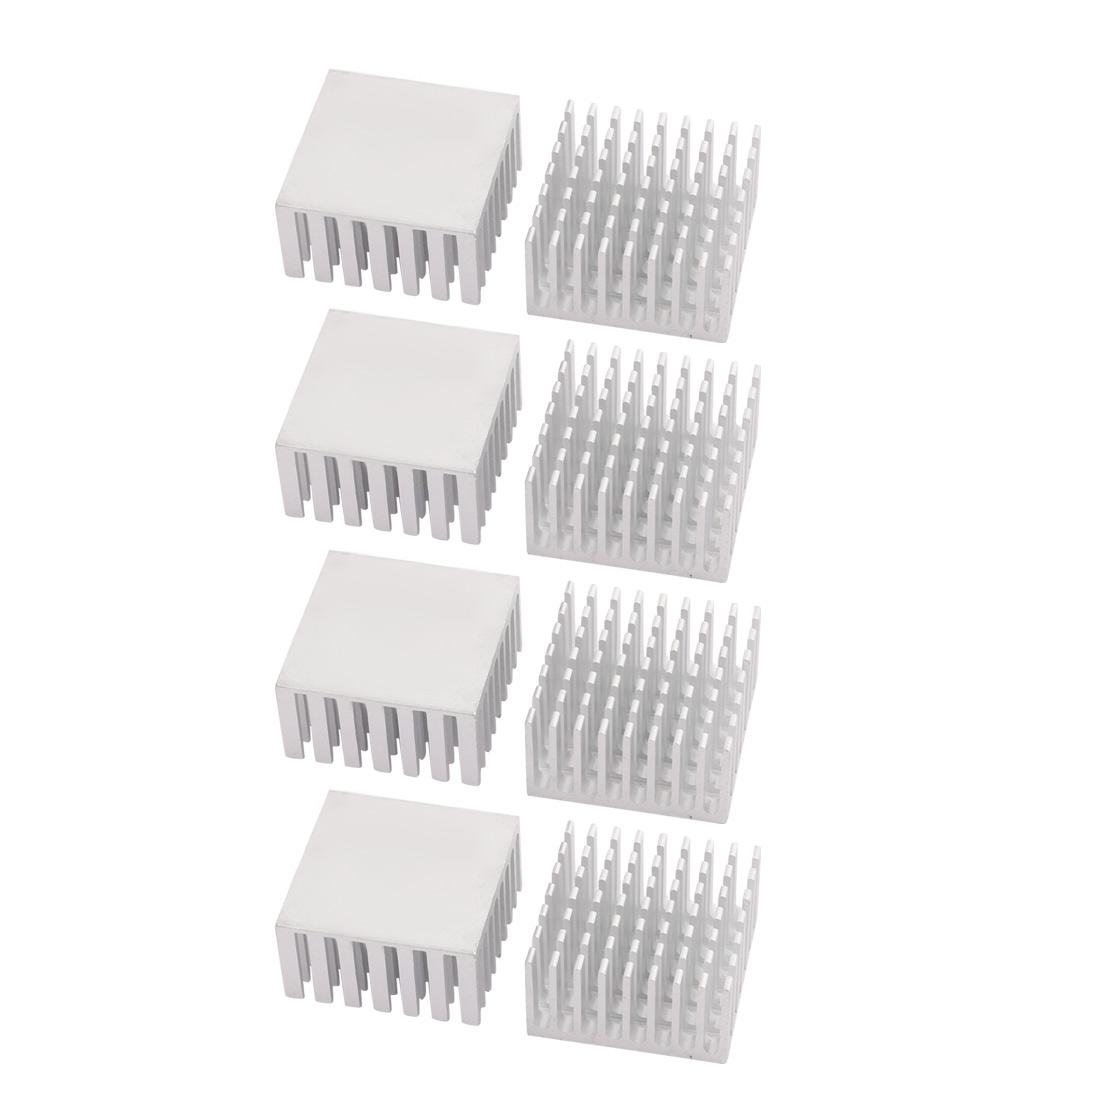 8pcs 28mmx28mmx15mm Aluminum Heatsink Heat Diffuse Cooling Fin